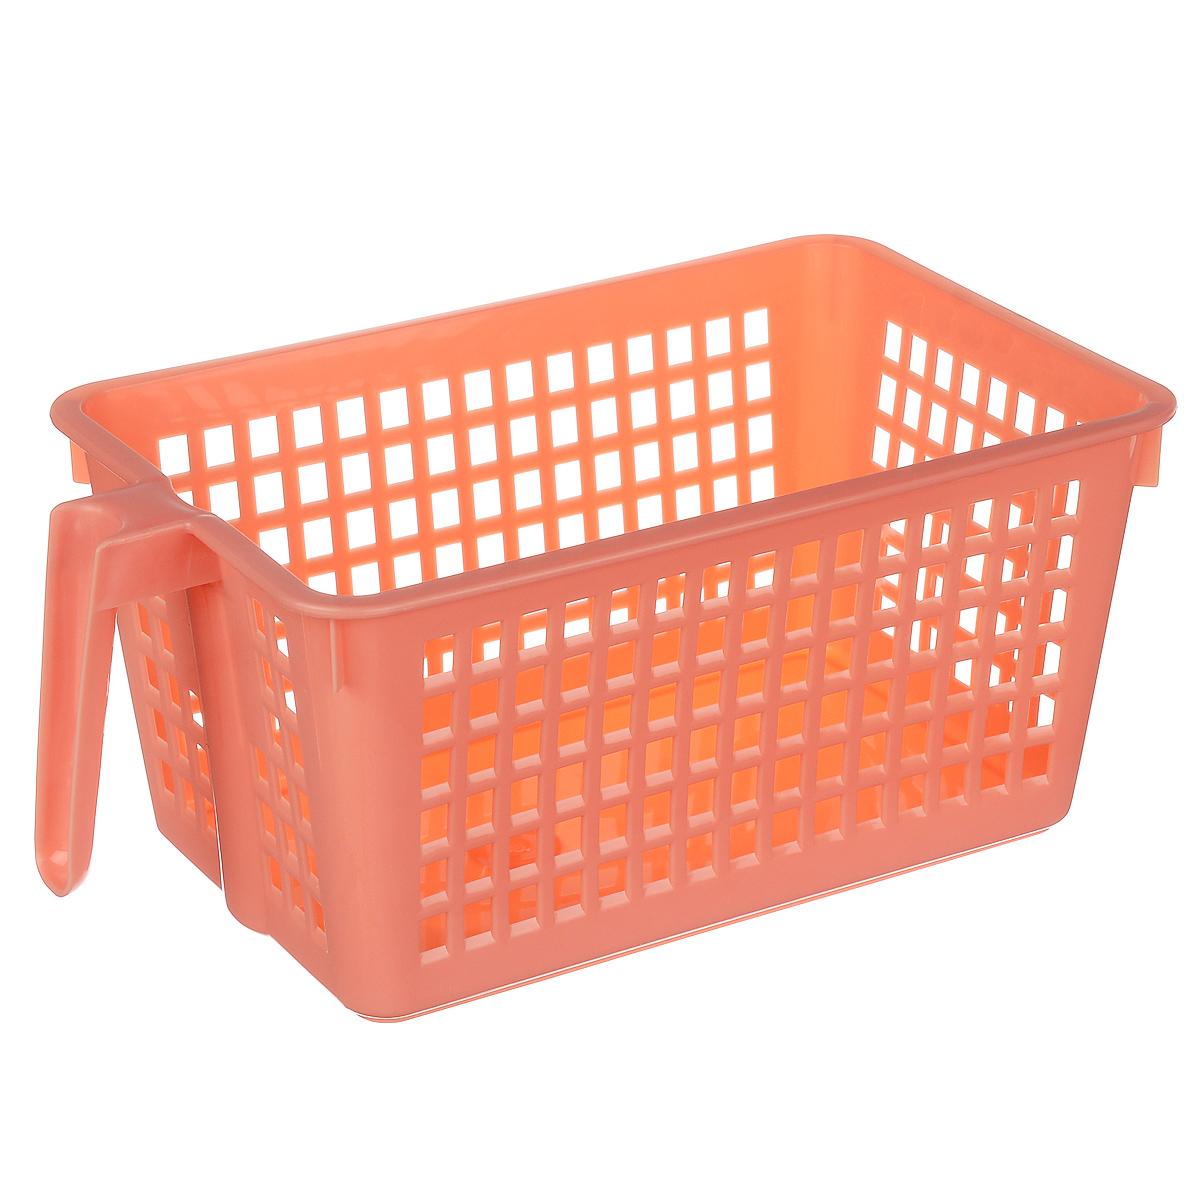 Корзинка универсальная Econova, с ручкой, цвет: коралловый, 28 х 16 х 12 смS03301004Универсальная корзинка Econova изготовлена из высококачественного пластика и предназначена для хранения и транспортировки вещей. Корзинка подойдет как для пищевых продуктов, так и для ванных принадлежностей и различных мелочей. Изделие оснащено ручкой для более удобной транспортировки. Стенки корзинки оформлены перфорацией, что обеспечивает естественную вентиляцию. Универсальная корзинка Econova позволит вам хранить вещи компактно и с удобством.